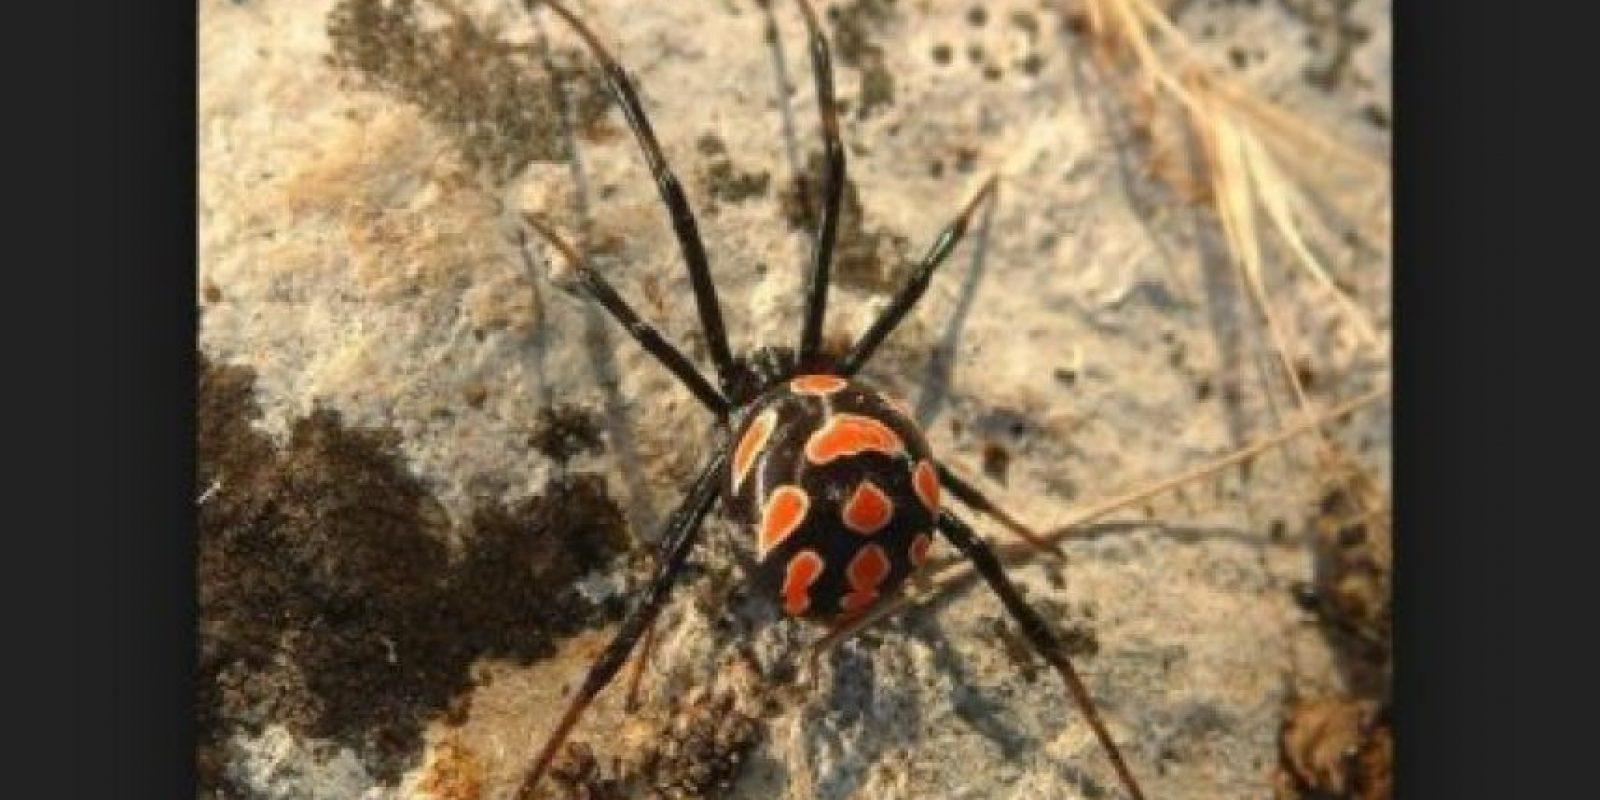 Viuda negra: la picadura de esta araña puede causar la muerte, pero un porcentaje de las mordeduras no es fatal debido al suministro de antivenenos Foto:pixabay.com